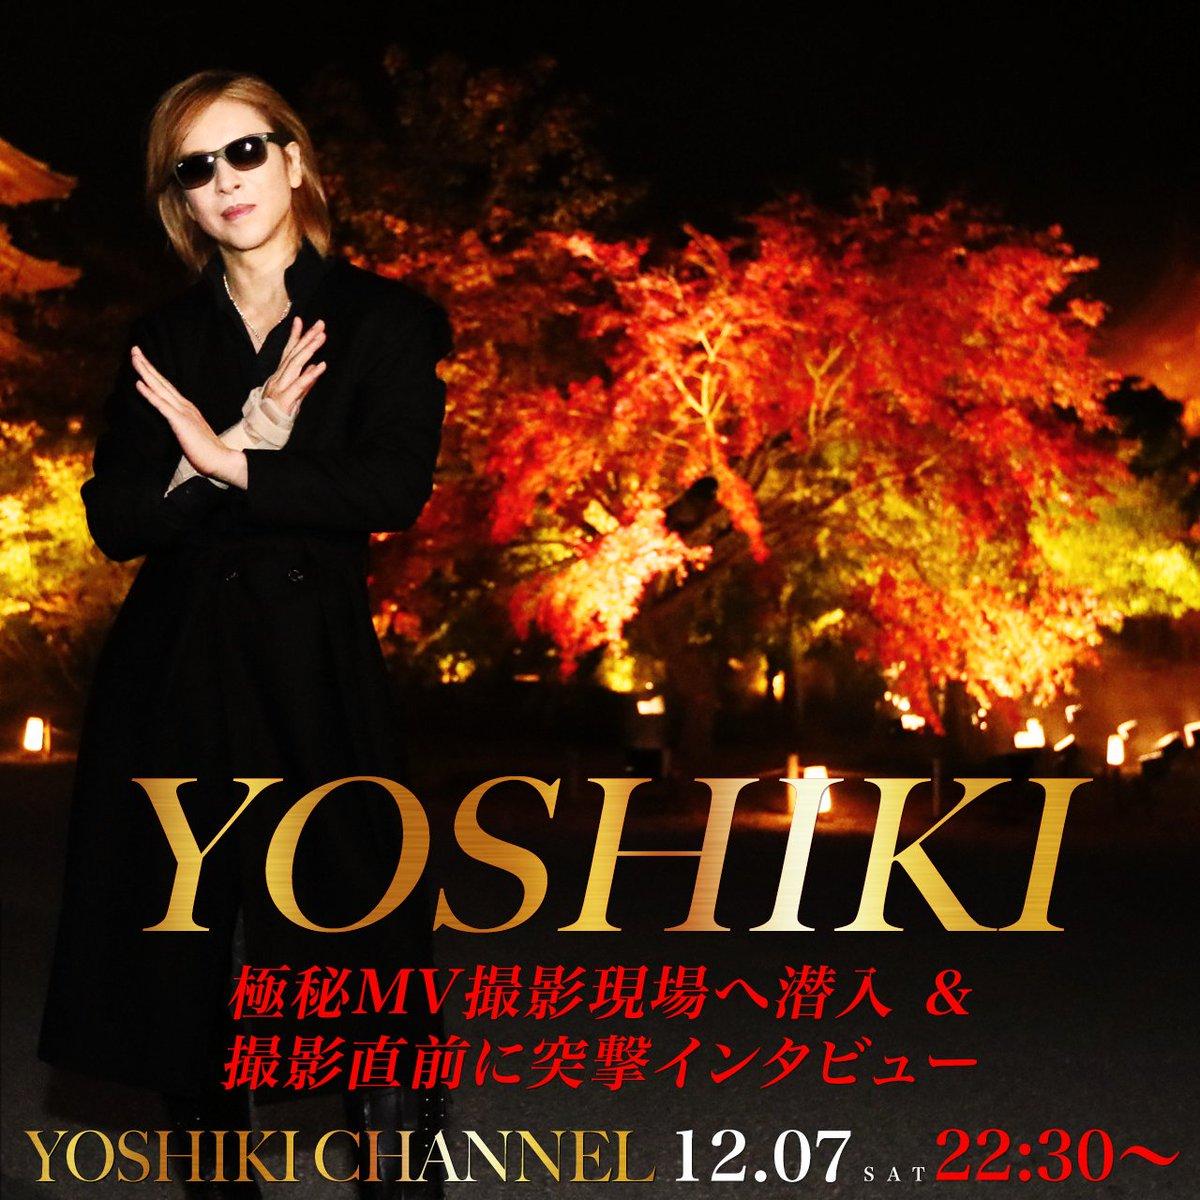 【まもなく生放送!22時30分~】#YOSHIKI #極秘MV 撮影現場へ潜入&撮影中に突撃インタビュー @YoshikiOfficial